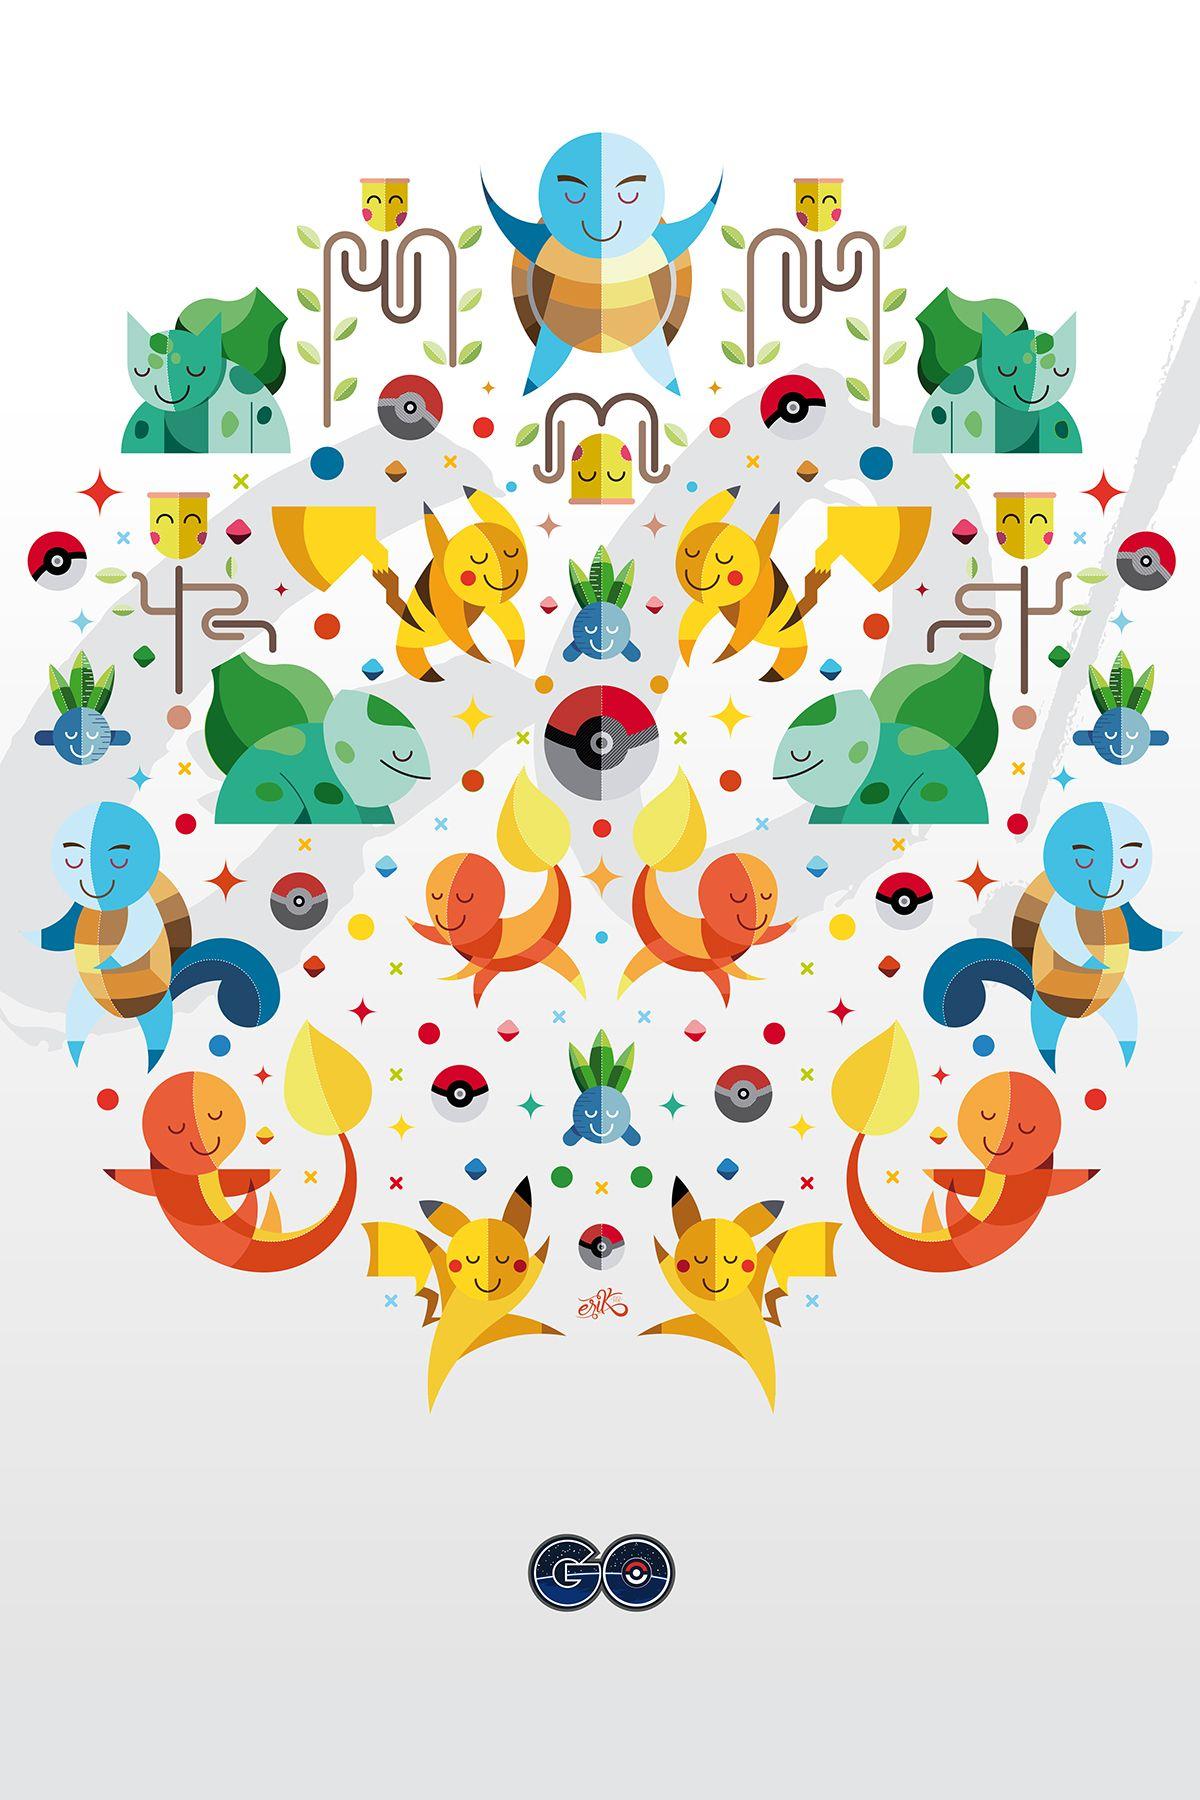 Pokémon GO! on Behance Poster design, Illustration